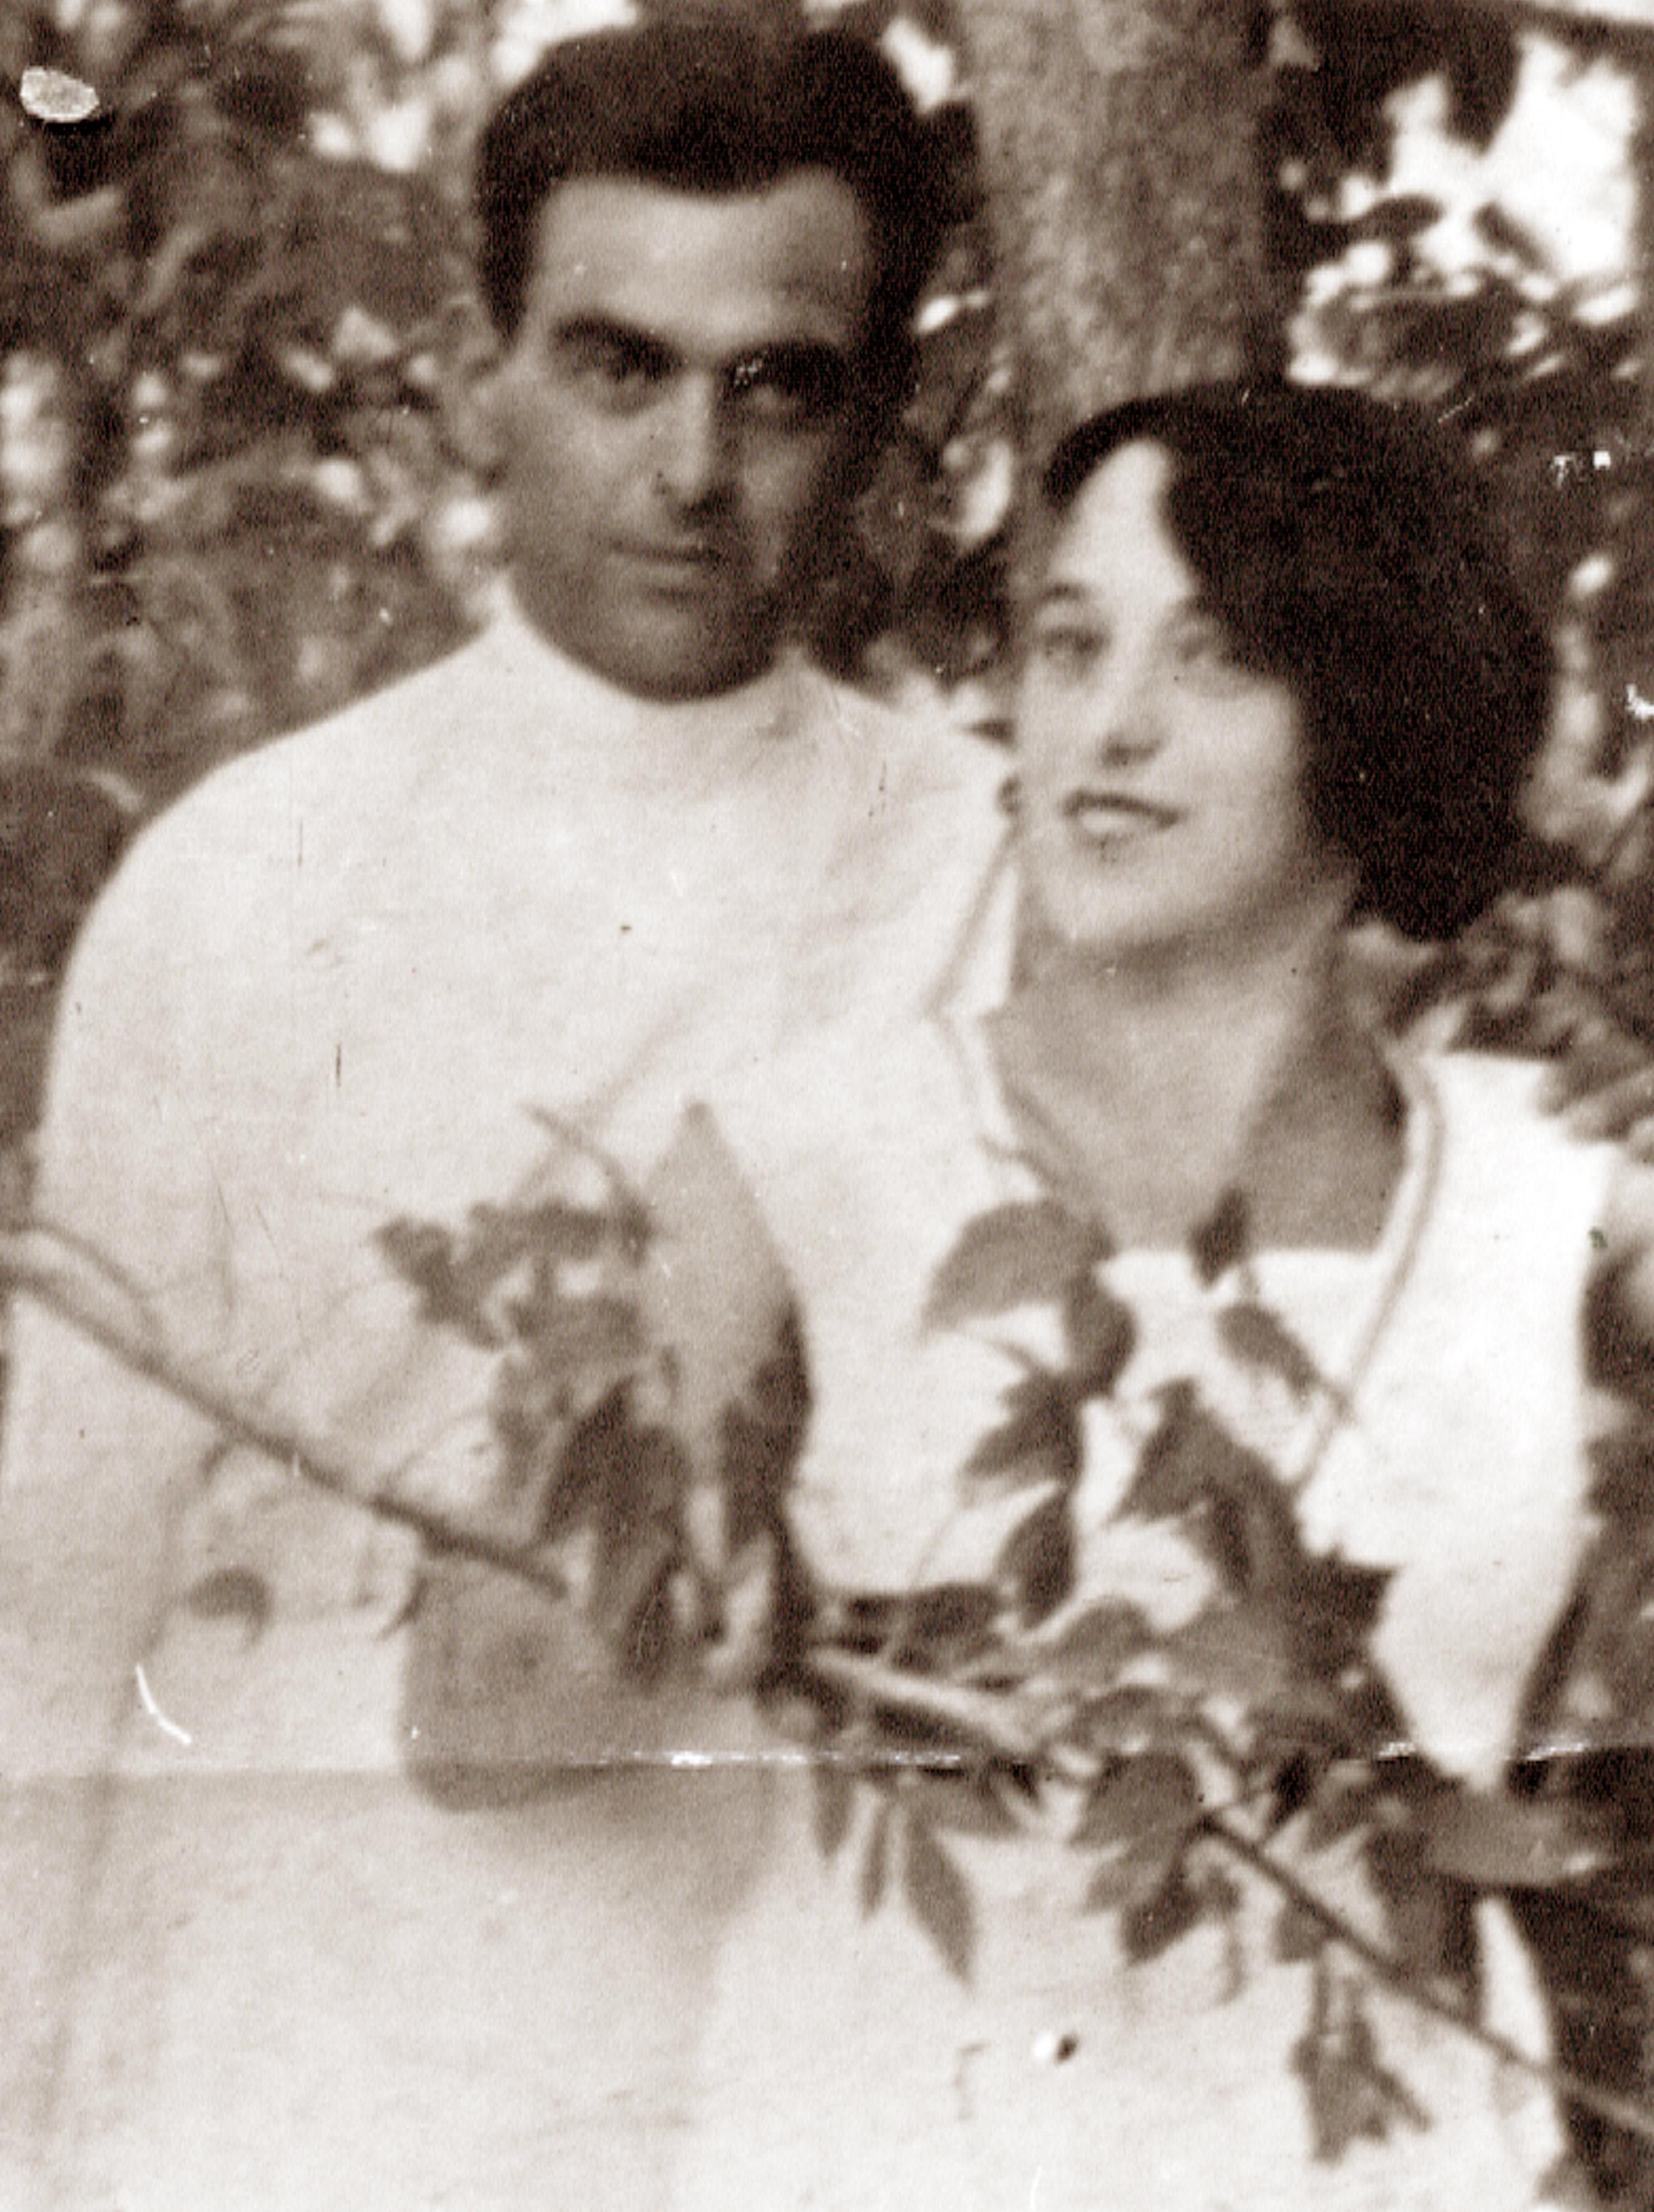 Nusia Gonopolskiy and Rosa Gonopolskaya